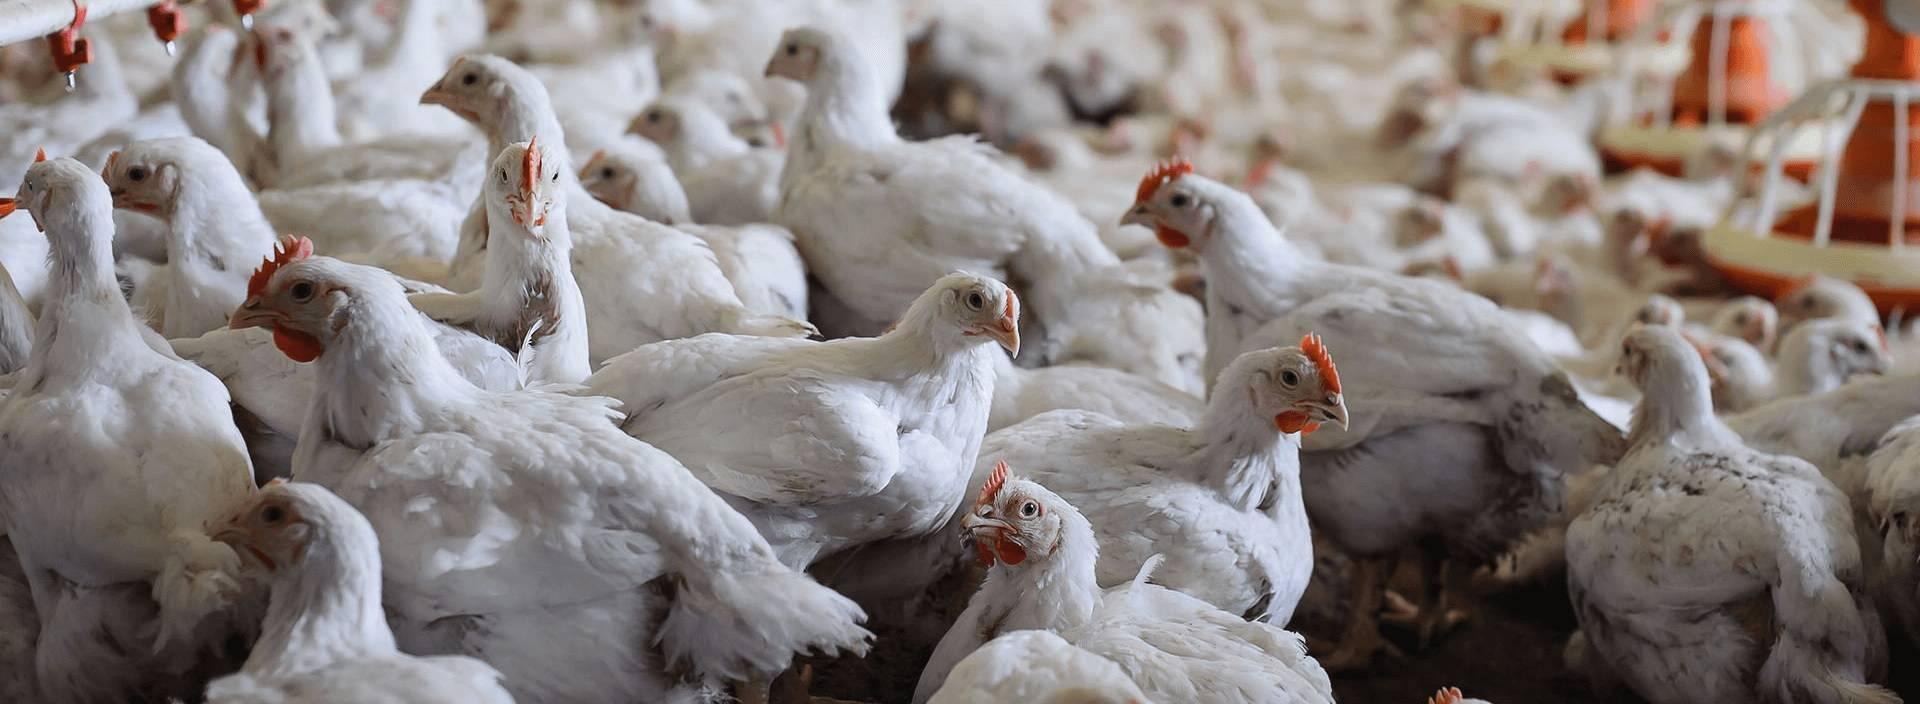 Суточные цыплята: уход, кормление, содержание после вылупления из инкубатора с первых дней жизни (суточные несушки и до 3 недели) в домашних условиях selo.guru — интернет портал о сельском хозяйстве